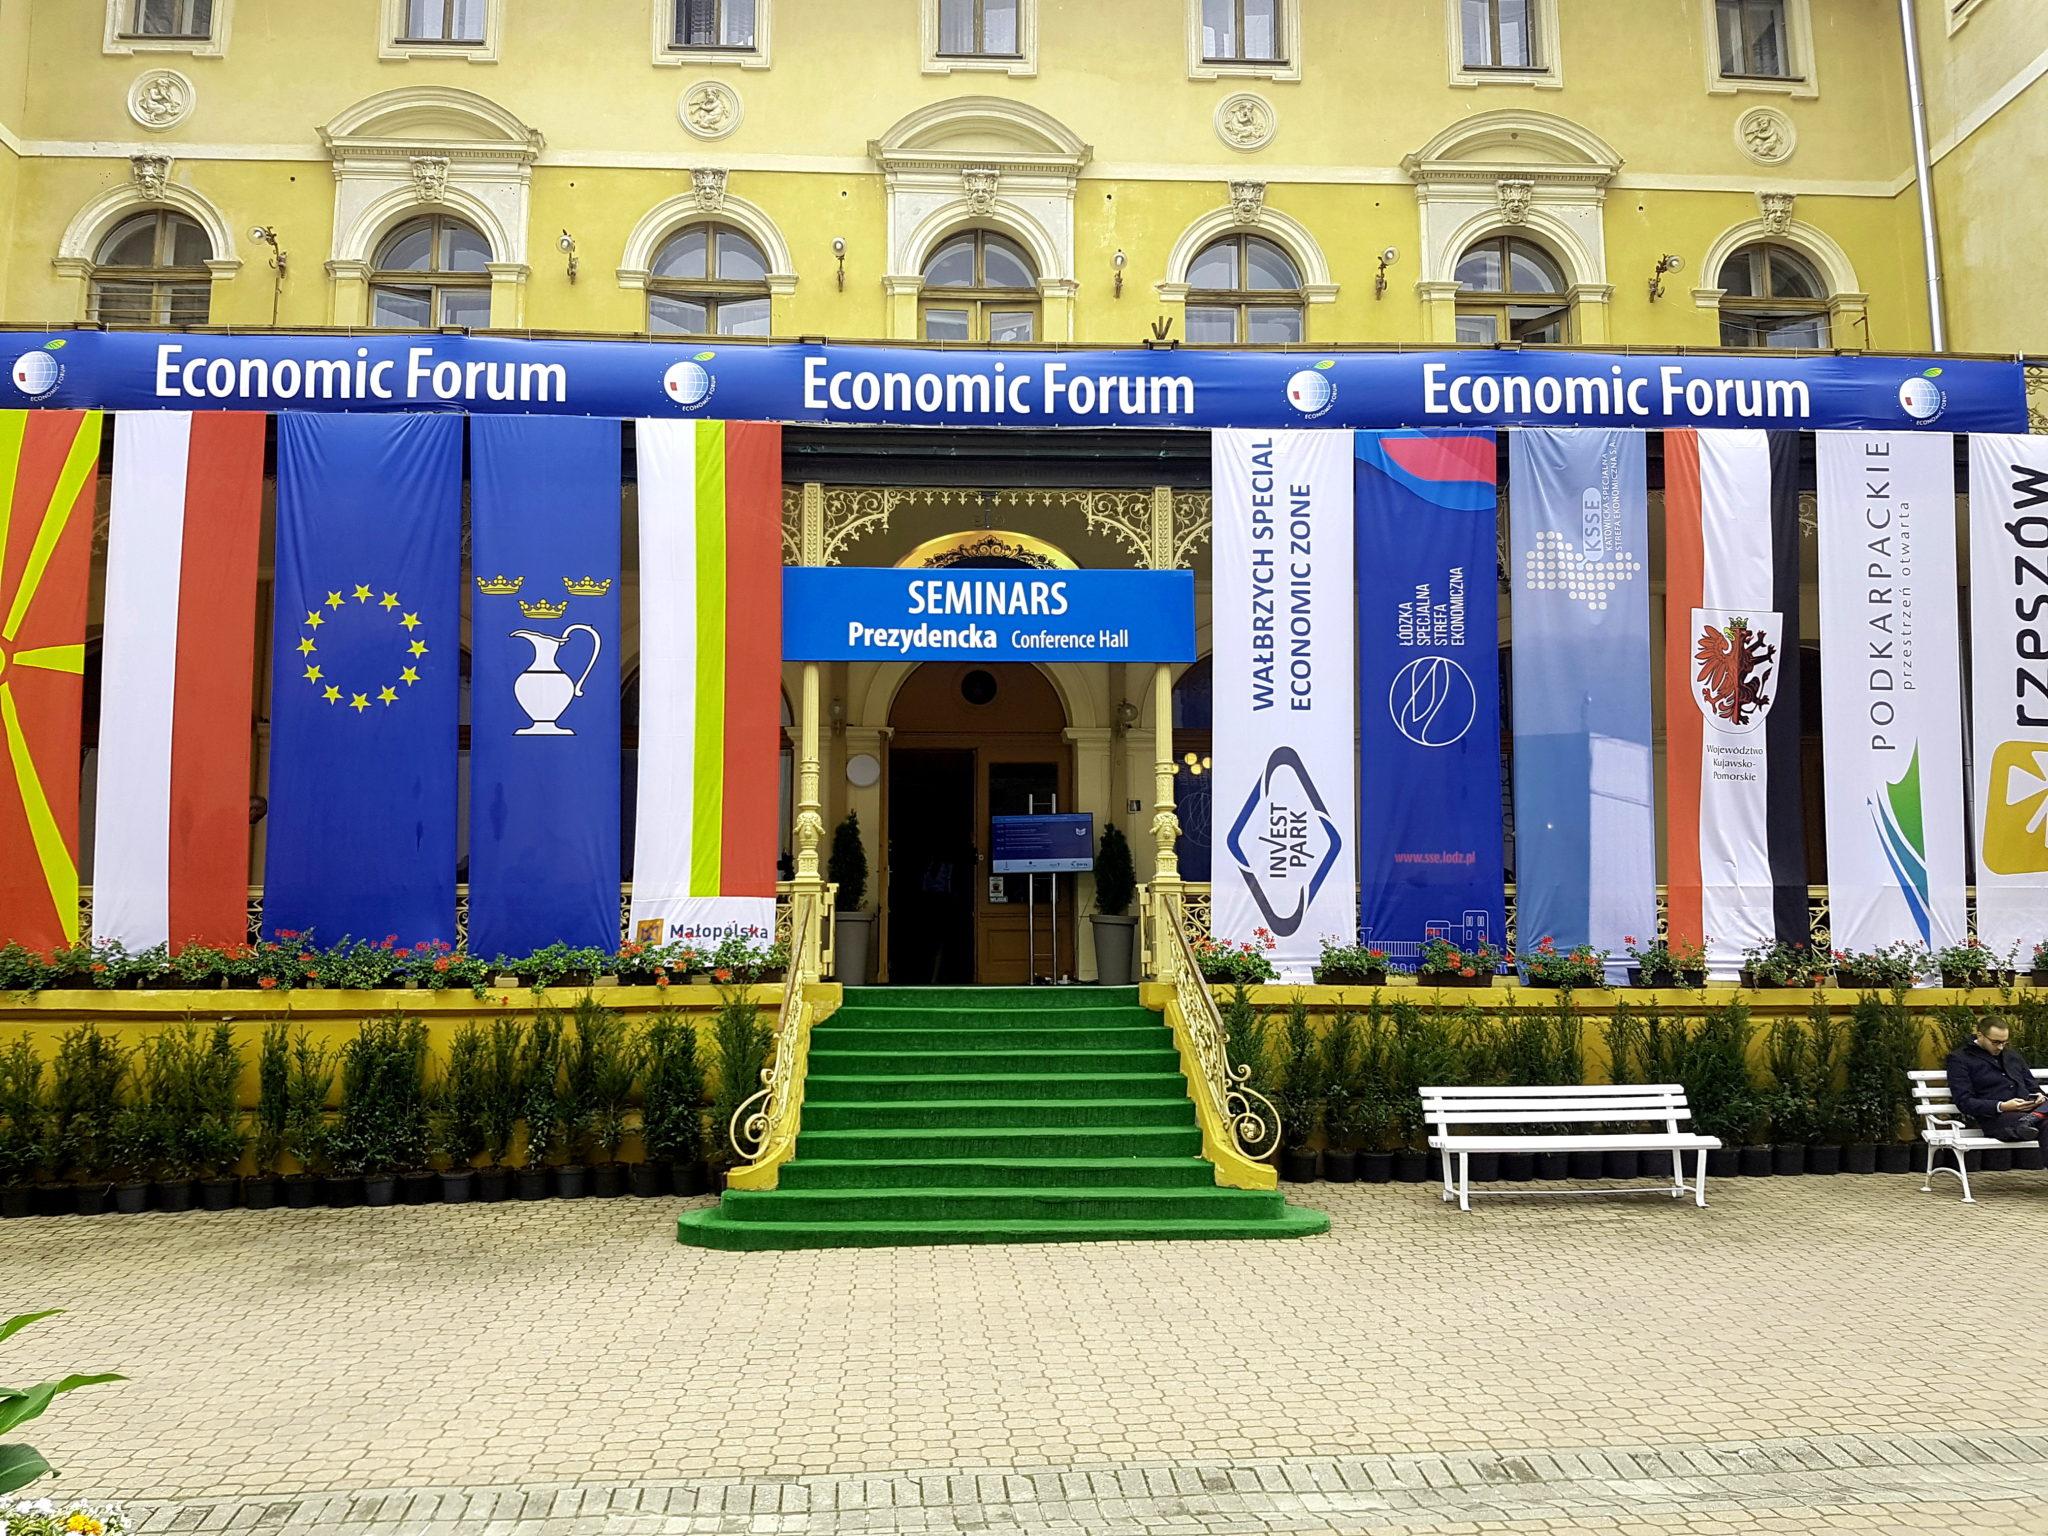 Belvedere Catering by Design ponownie partnerem Forum Ekonomicznego w Krynicy